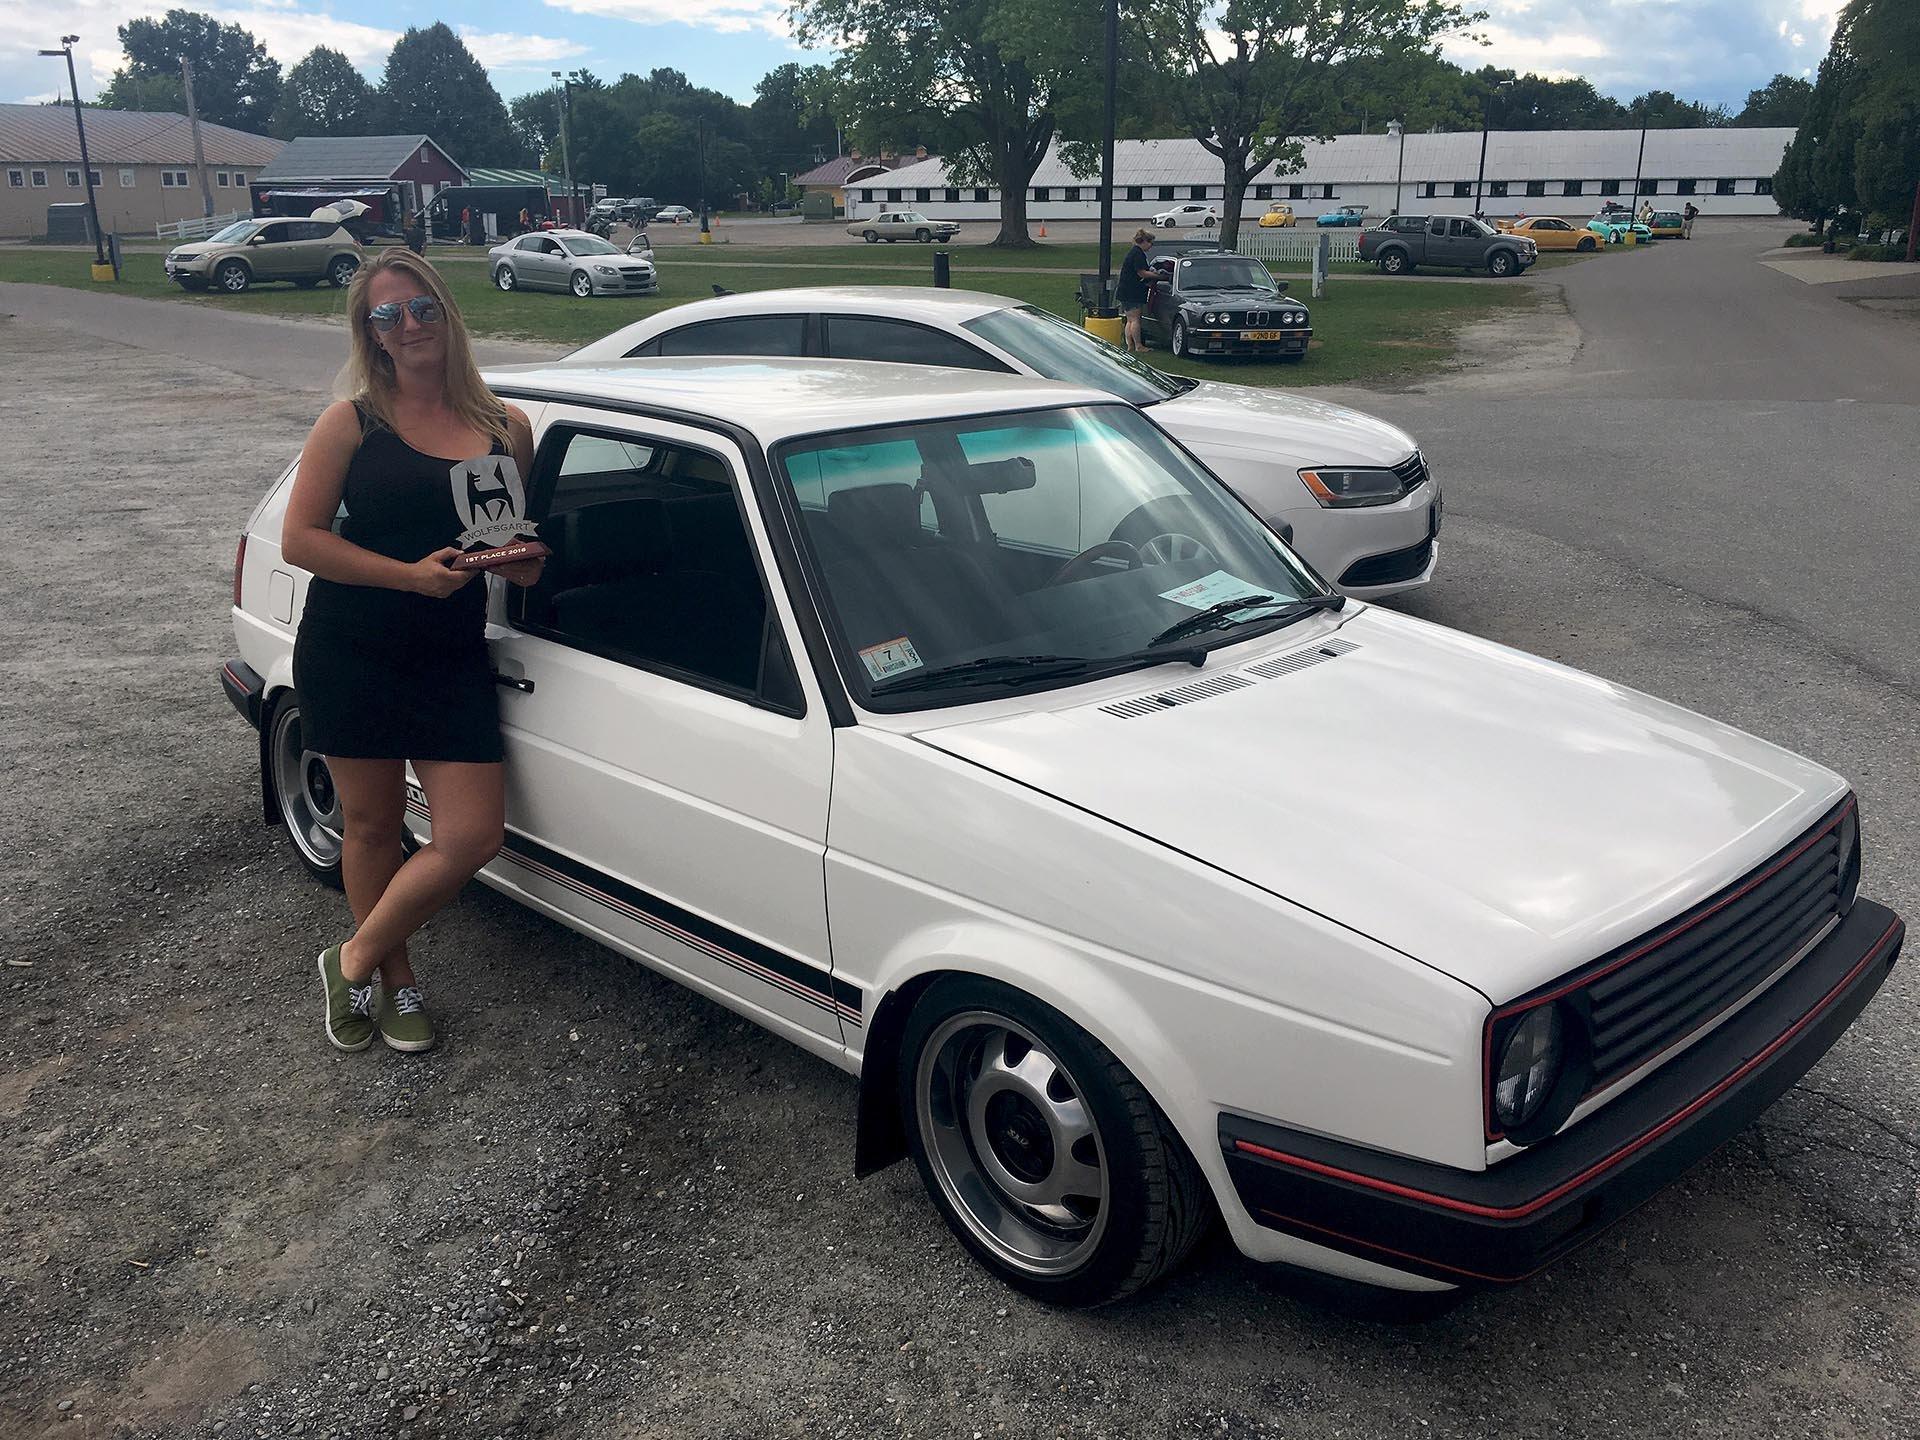 Rachel_L Alpine White Mk2 Golf Wolfsgart Award